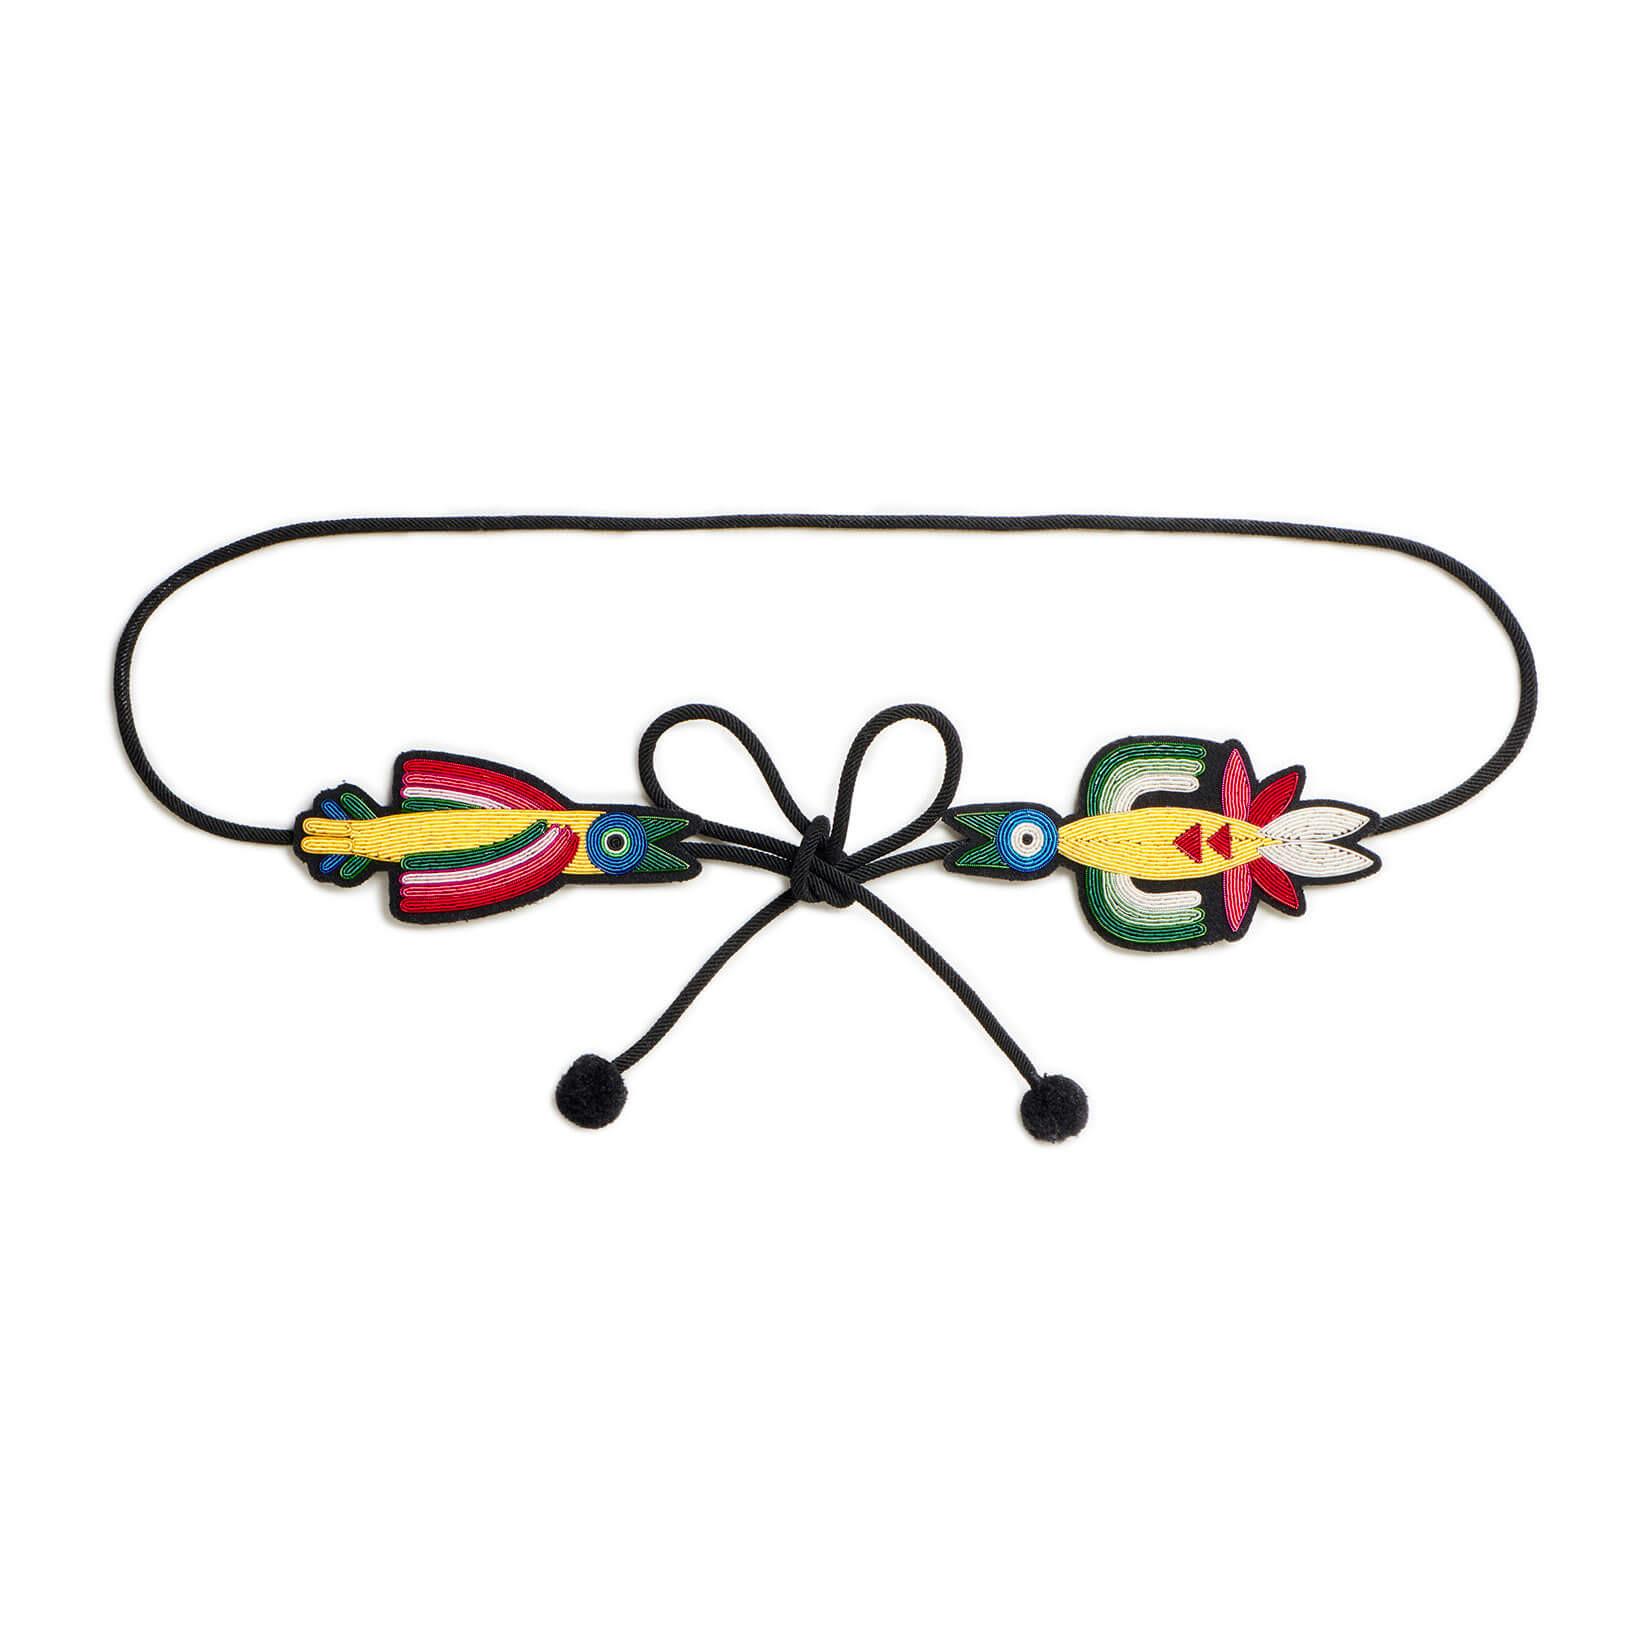 印度丝手工刺绣鸟类腰带,我们美丽的刺绣故事很好地突出了您的腰部。